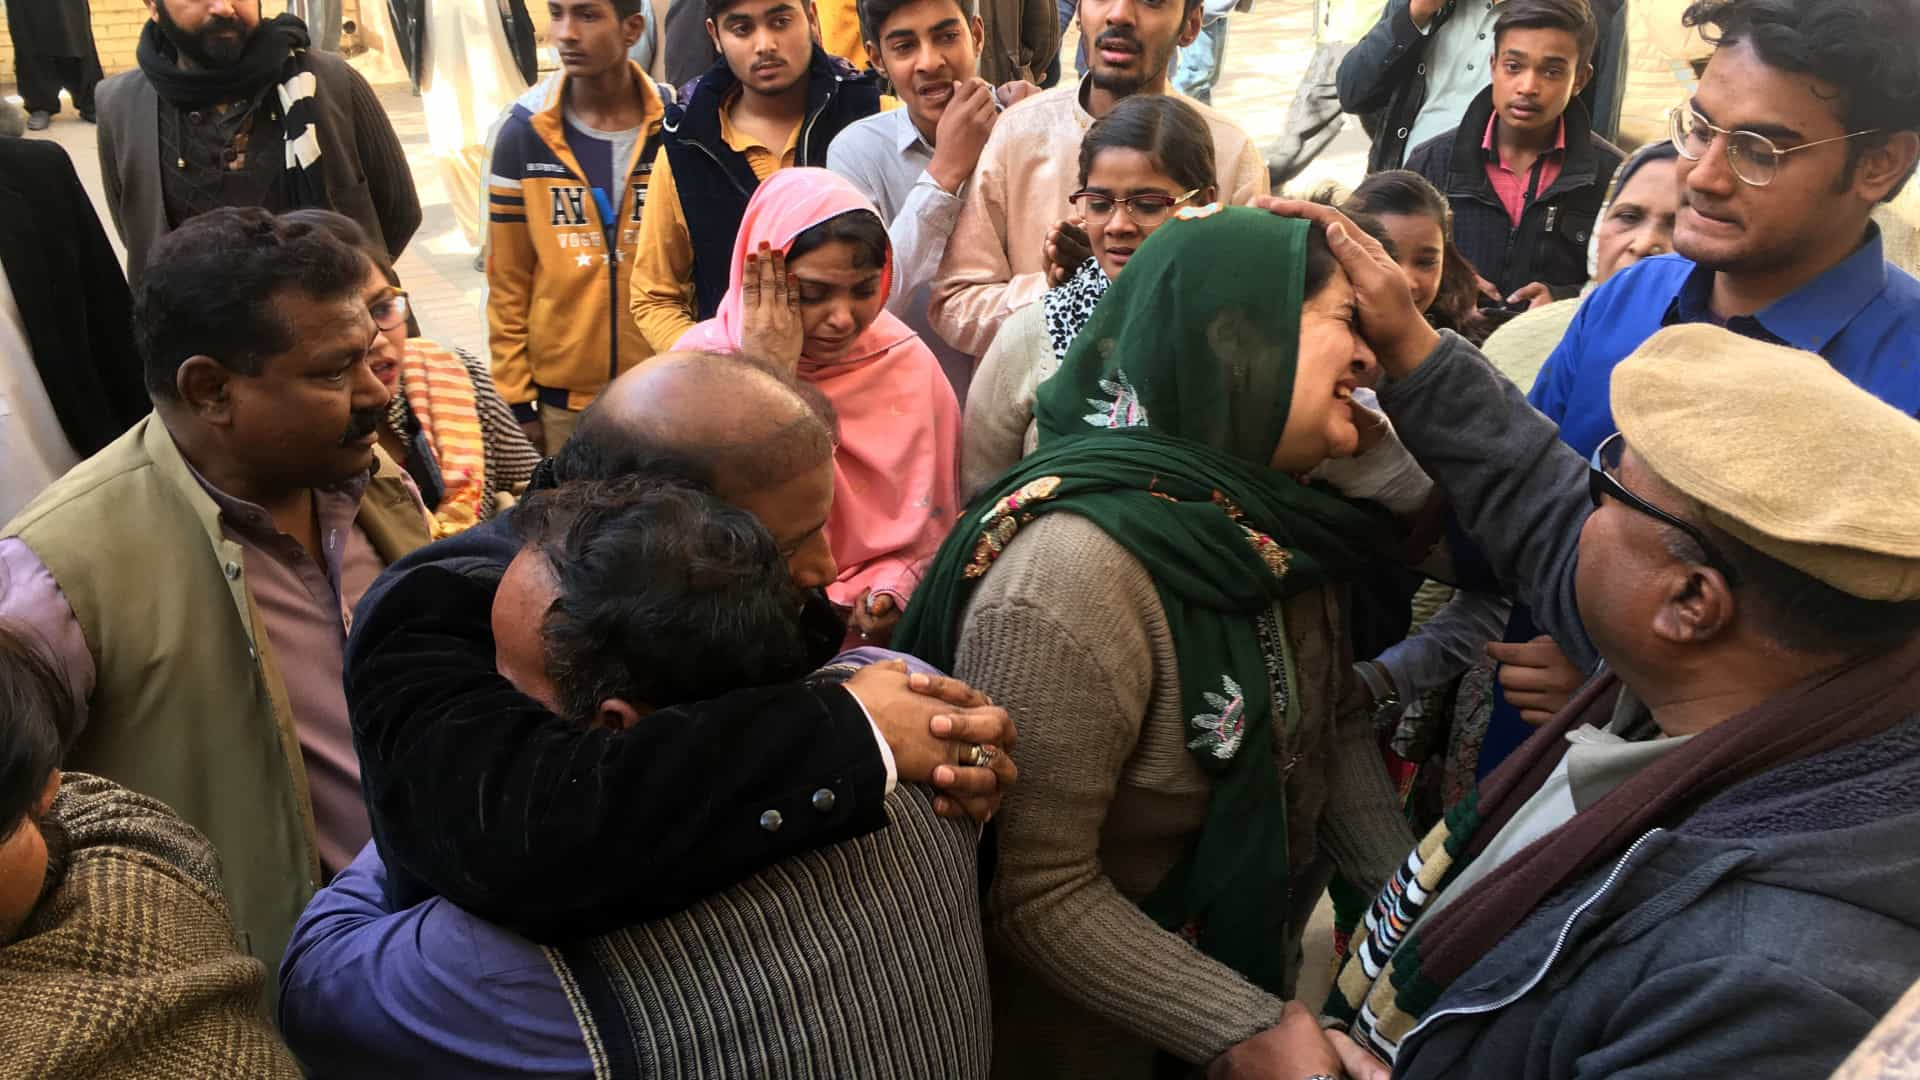 Homens-bomba do Estado Islâmico matam nove em igreja de Quetta — Paquistão